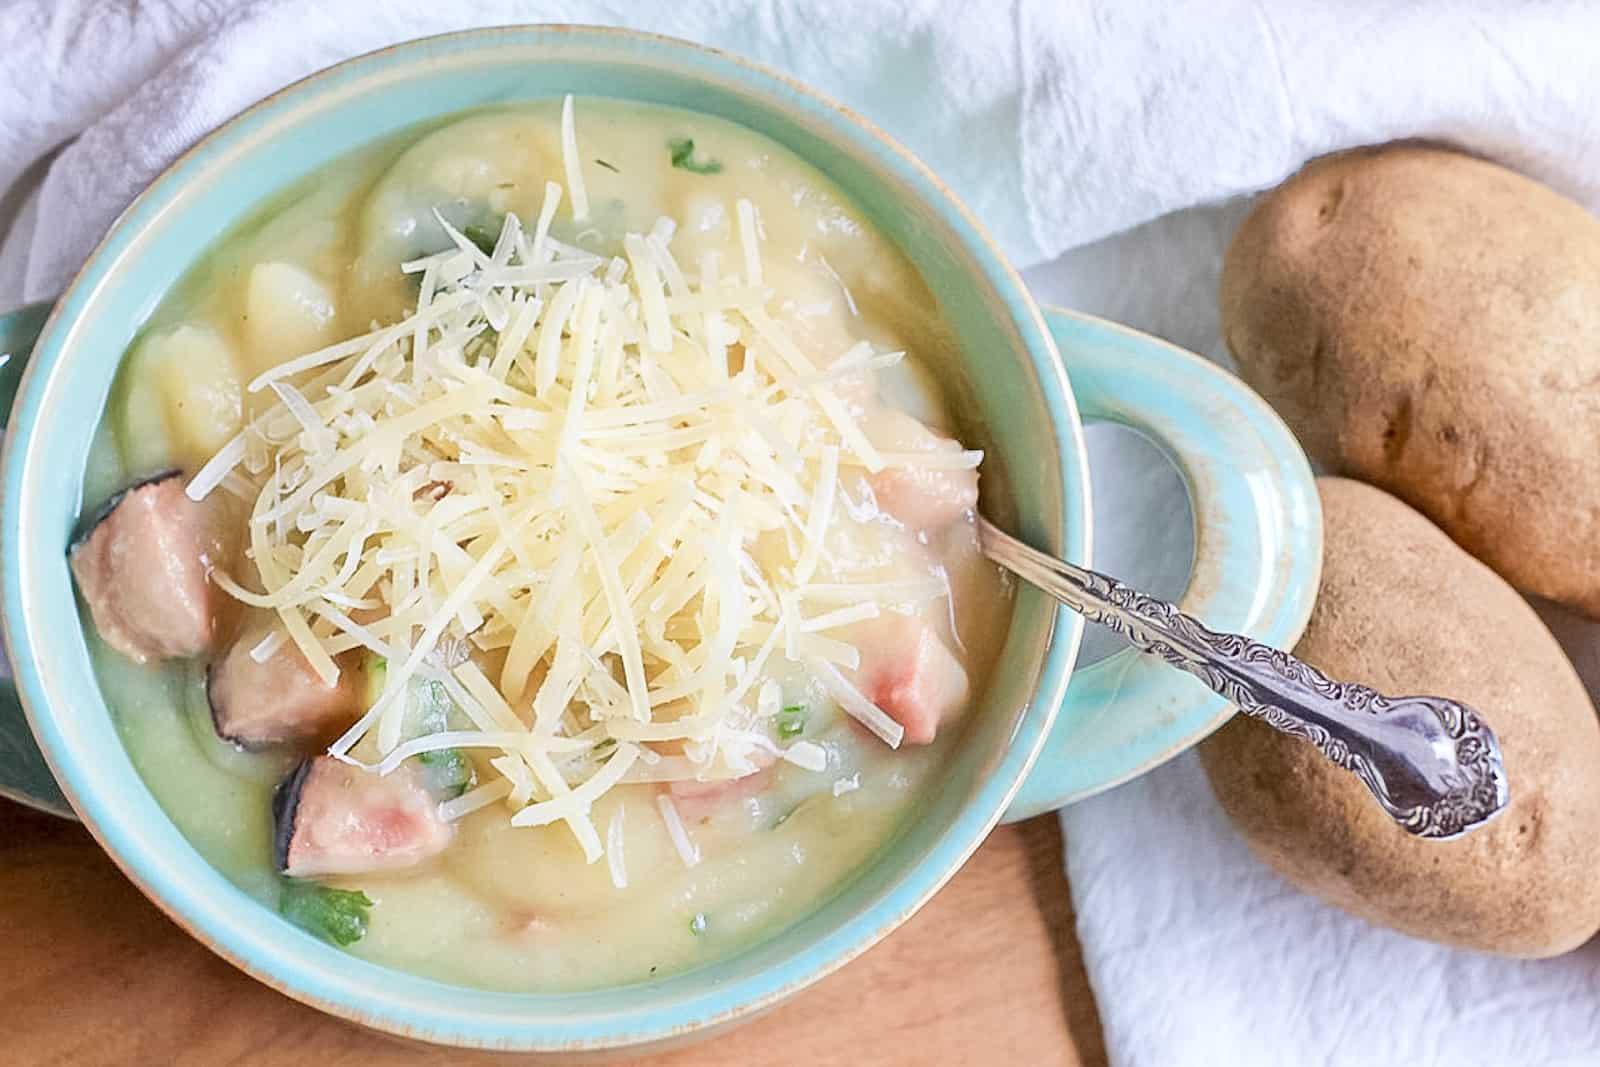 Bowl of Instant Pot Creamy Potato Ham & Kale Soup